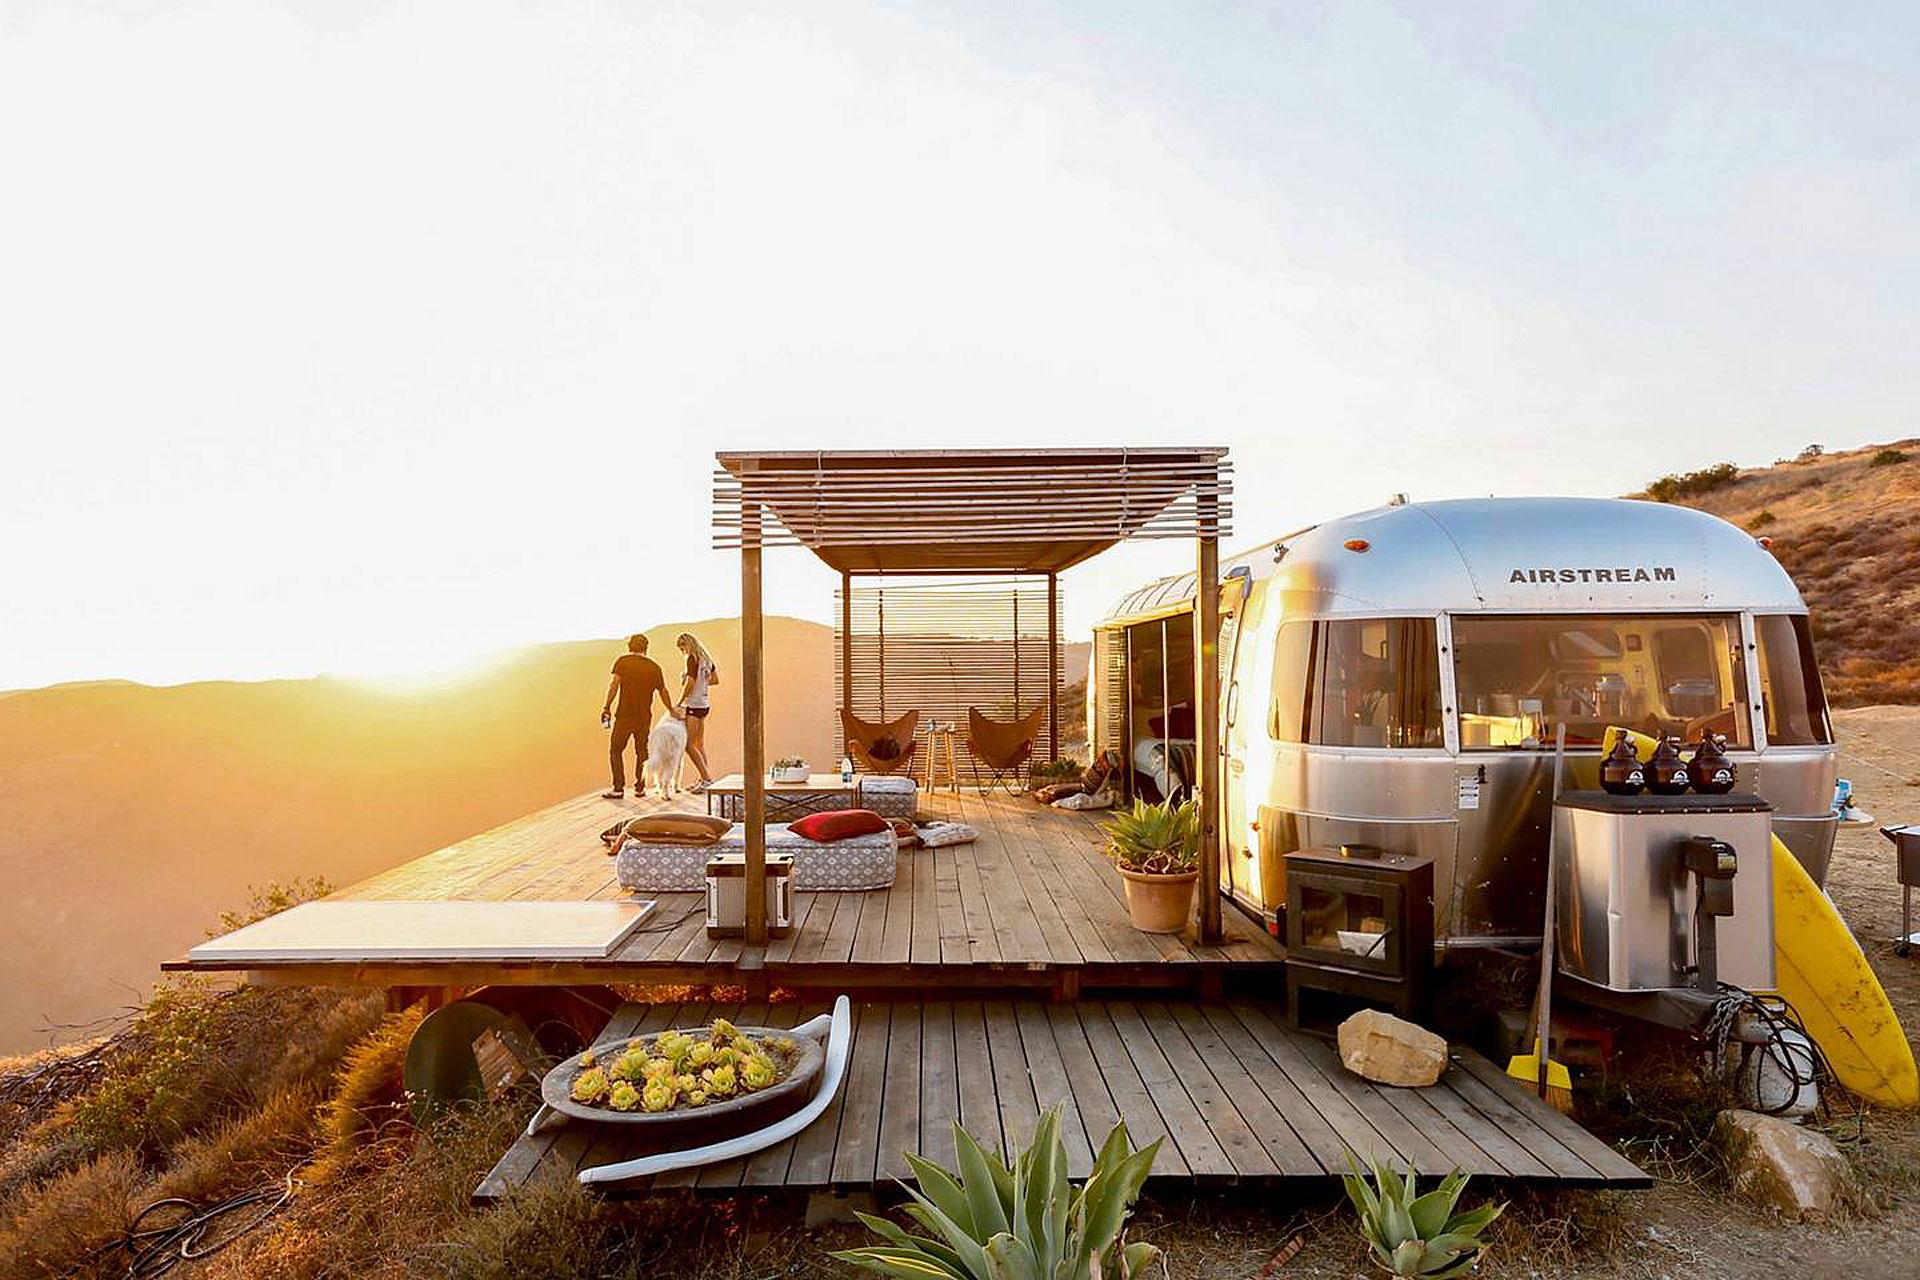 Malibu Dream Airstream | Uncrate